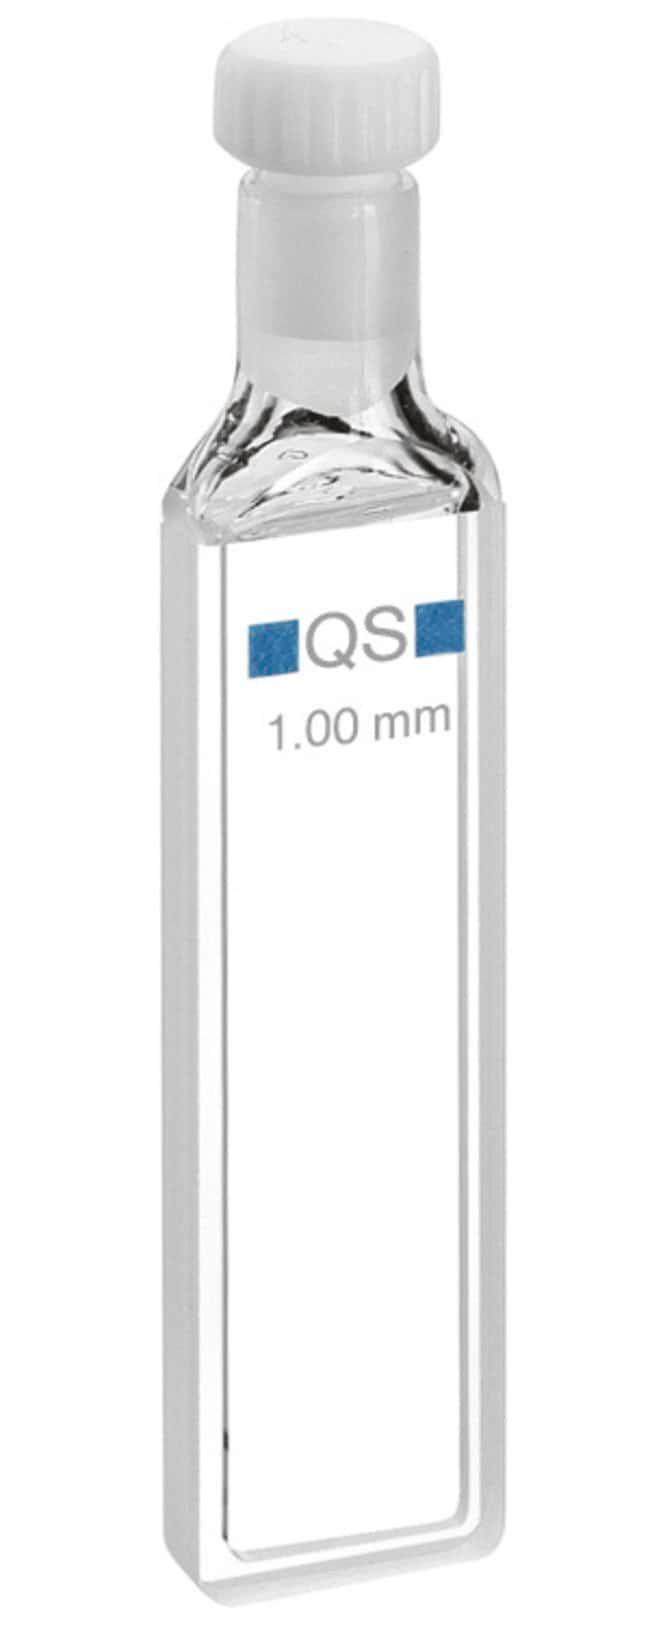 HellmaMakroküvetten, 110-QS (Paar) Weglänge: 1mm; Kapazität: 350μl HellmaMakroküvetten, 110-QS (Paar)